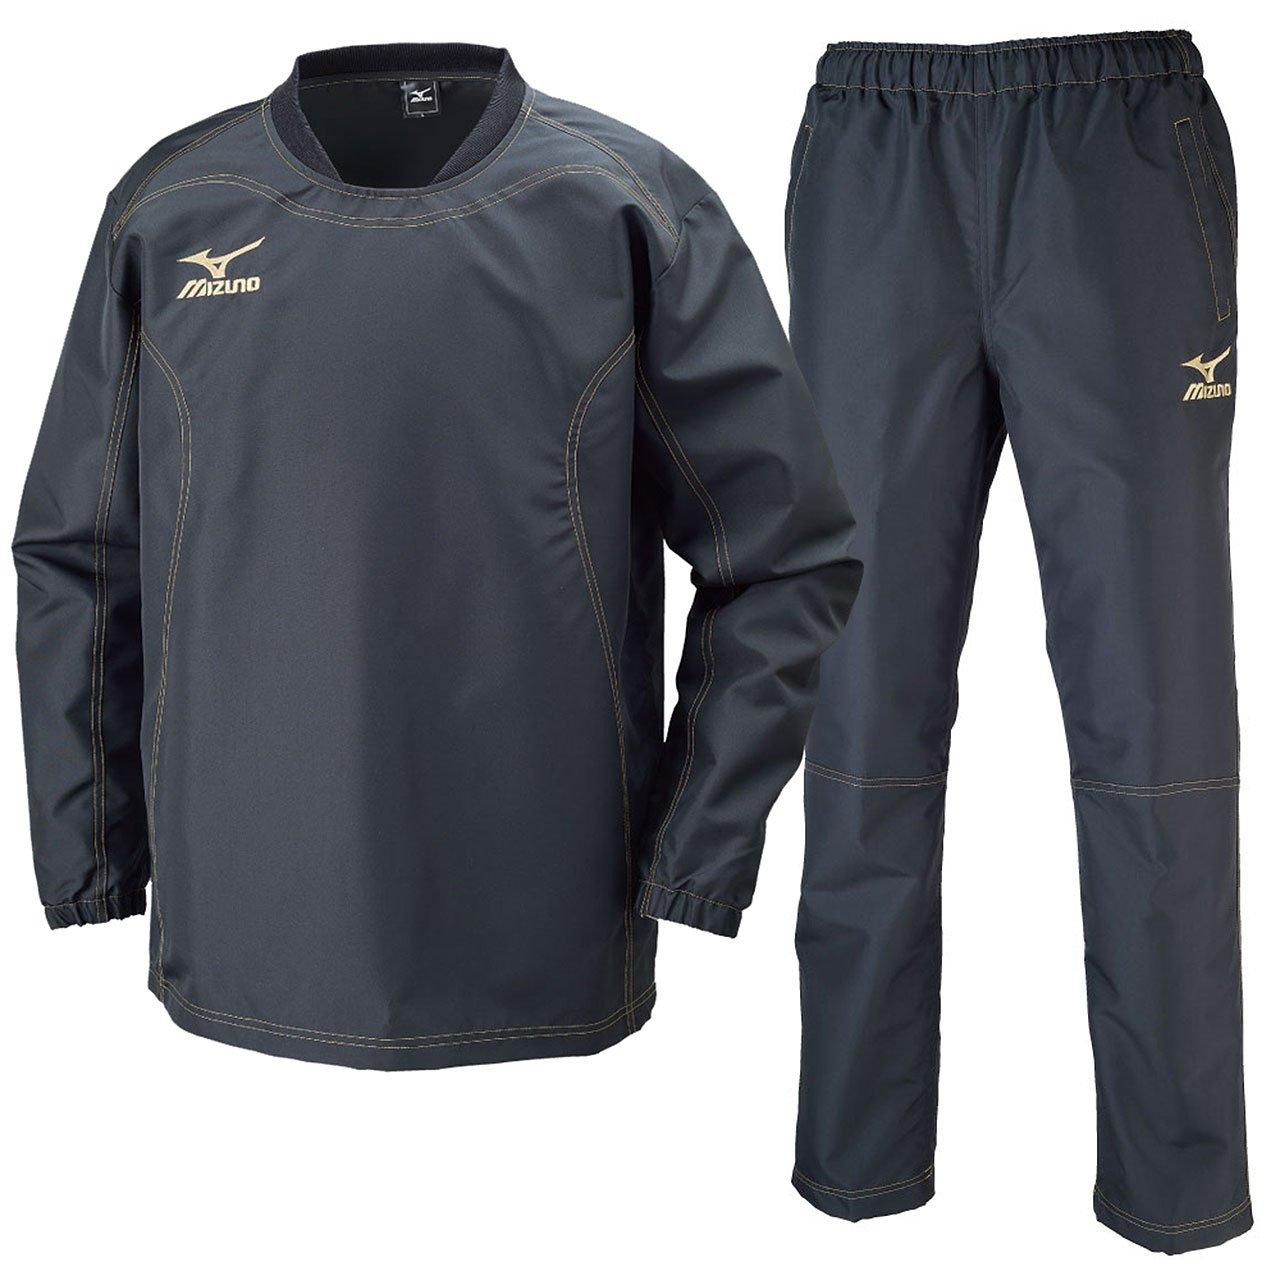 ミズノ(MIZUNO) タフブレーカーシャツ&パンツ 上下セット(ブラック/ブラック) R2ME6002-09-R2MF6002-09 B071JXHYG8 ブラック/ブラック 2XL